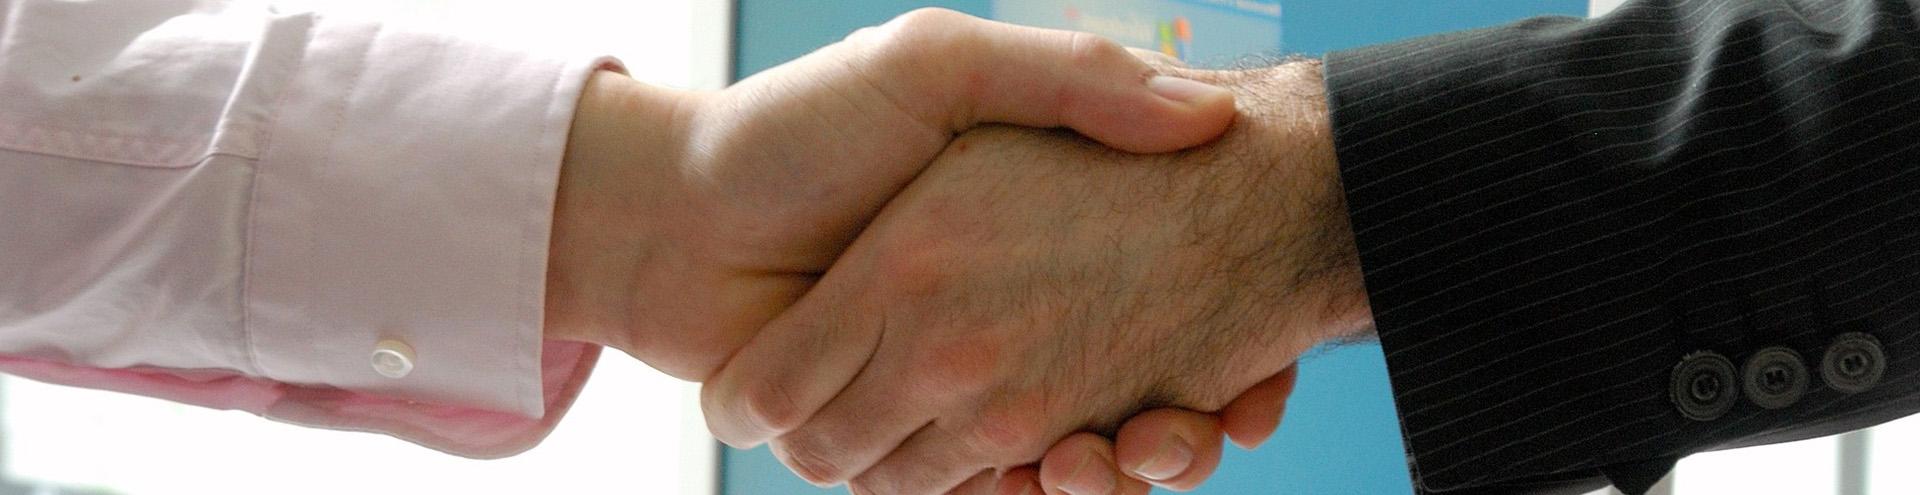 арбитражное урегулирование споров в Уфе